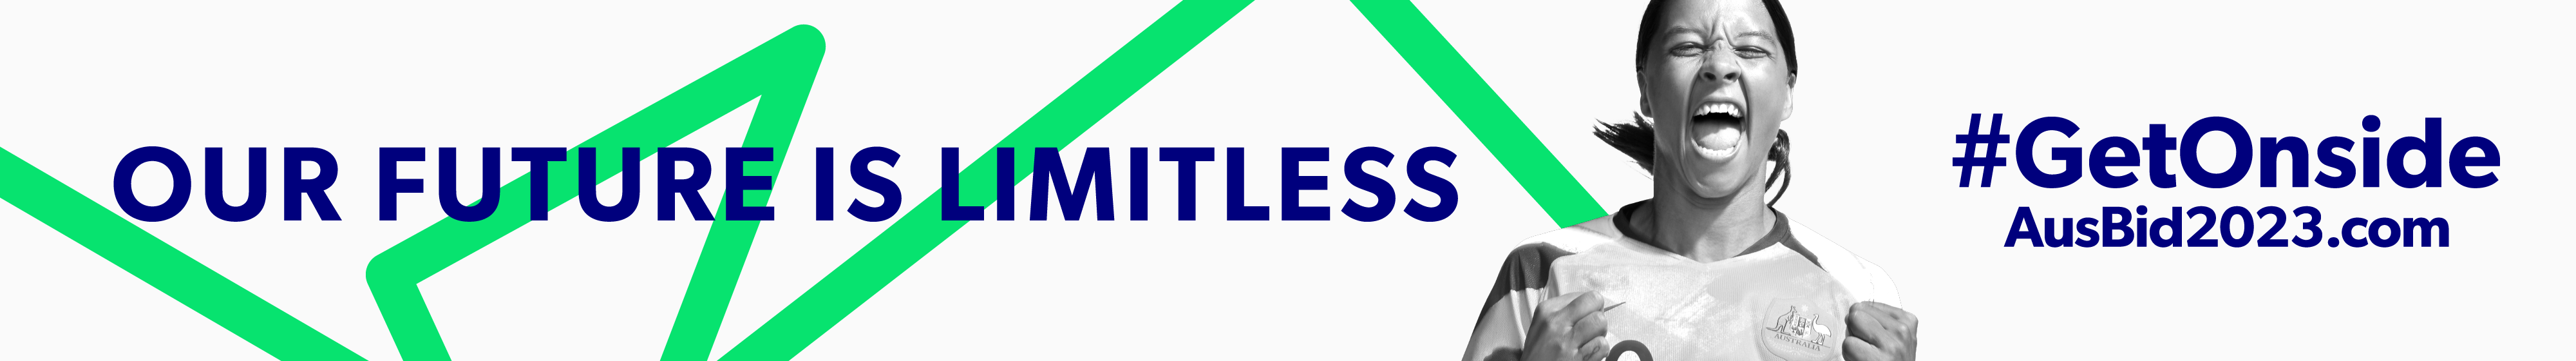 Get Onside Limitless banner